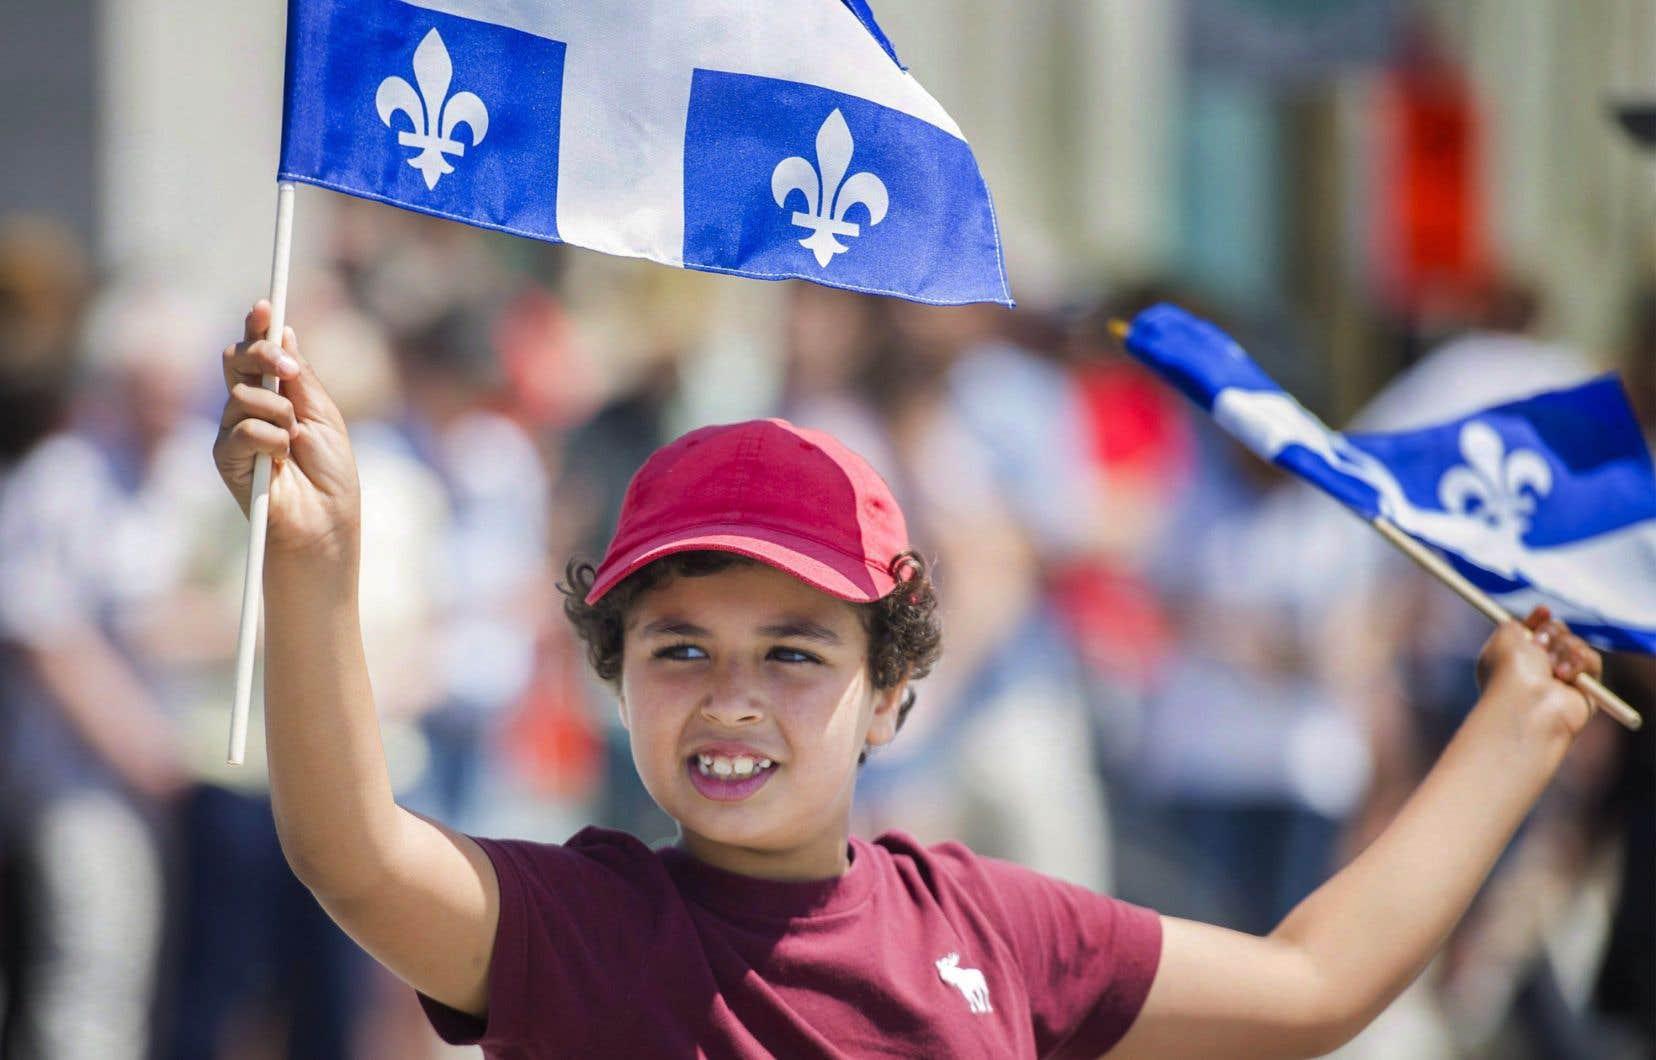 Un jeune garçon arbore le drapeau québécois lors de la parade de la Fête Nationale à Montréal le 24 juin 2017.